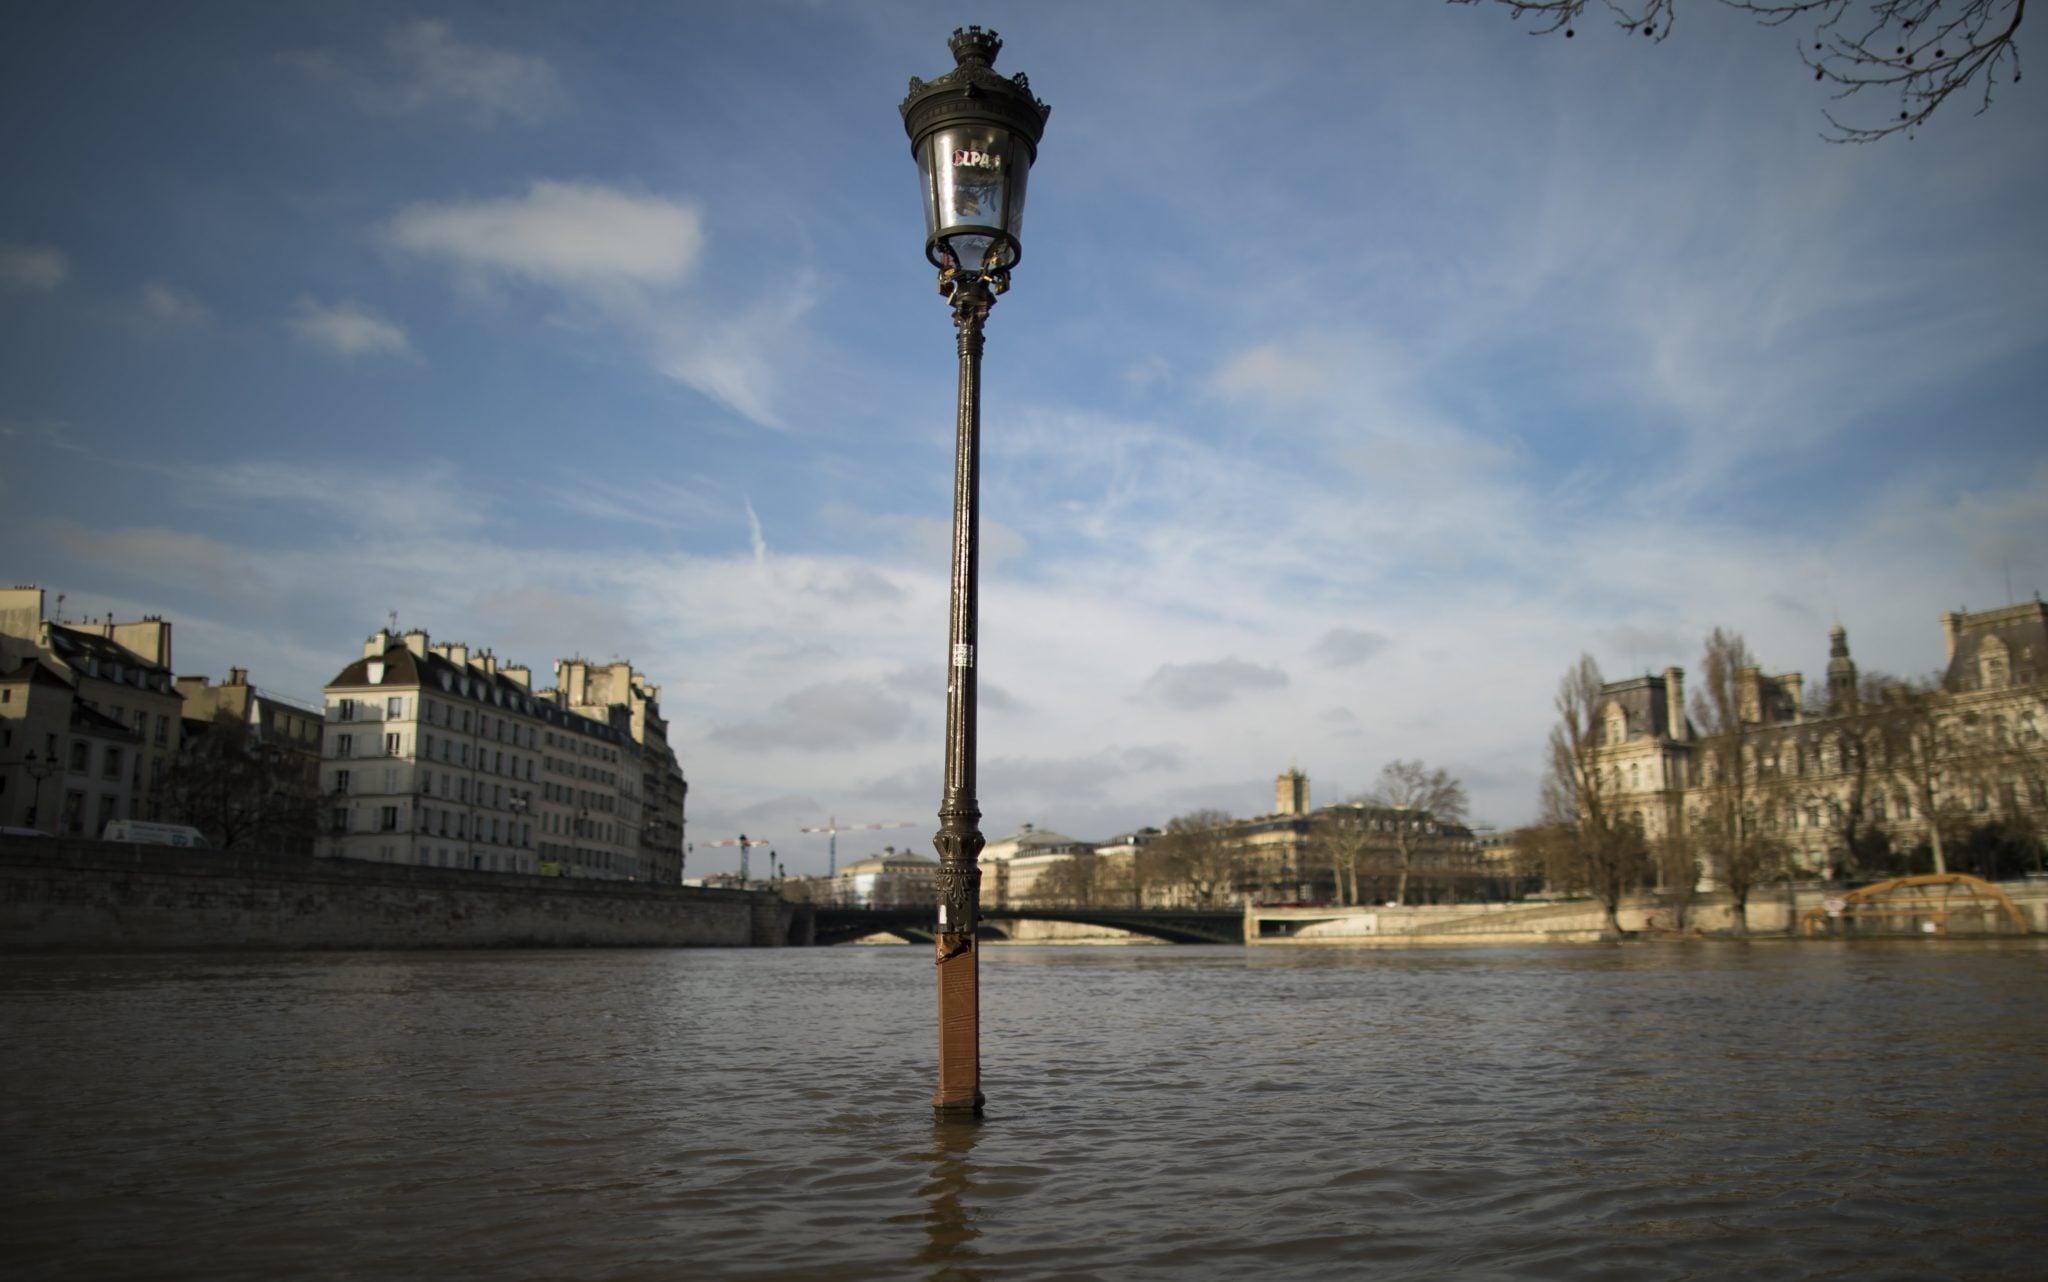 Paryż: Obfite opady deszczu spowodowały podniesienie do stanu krutycznego poziom Skewany, z tego powodu część niżej położonych obszarów miasta znalazło się pod wodą, fot: Ian Langsdon, PAP/EPA